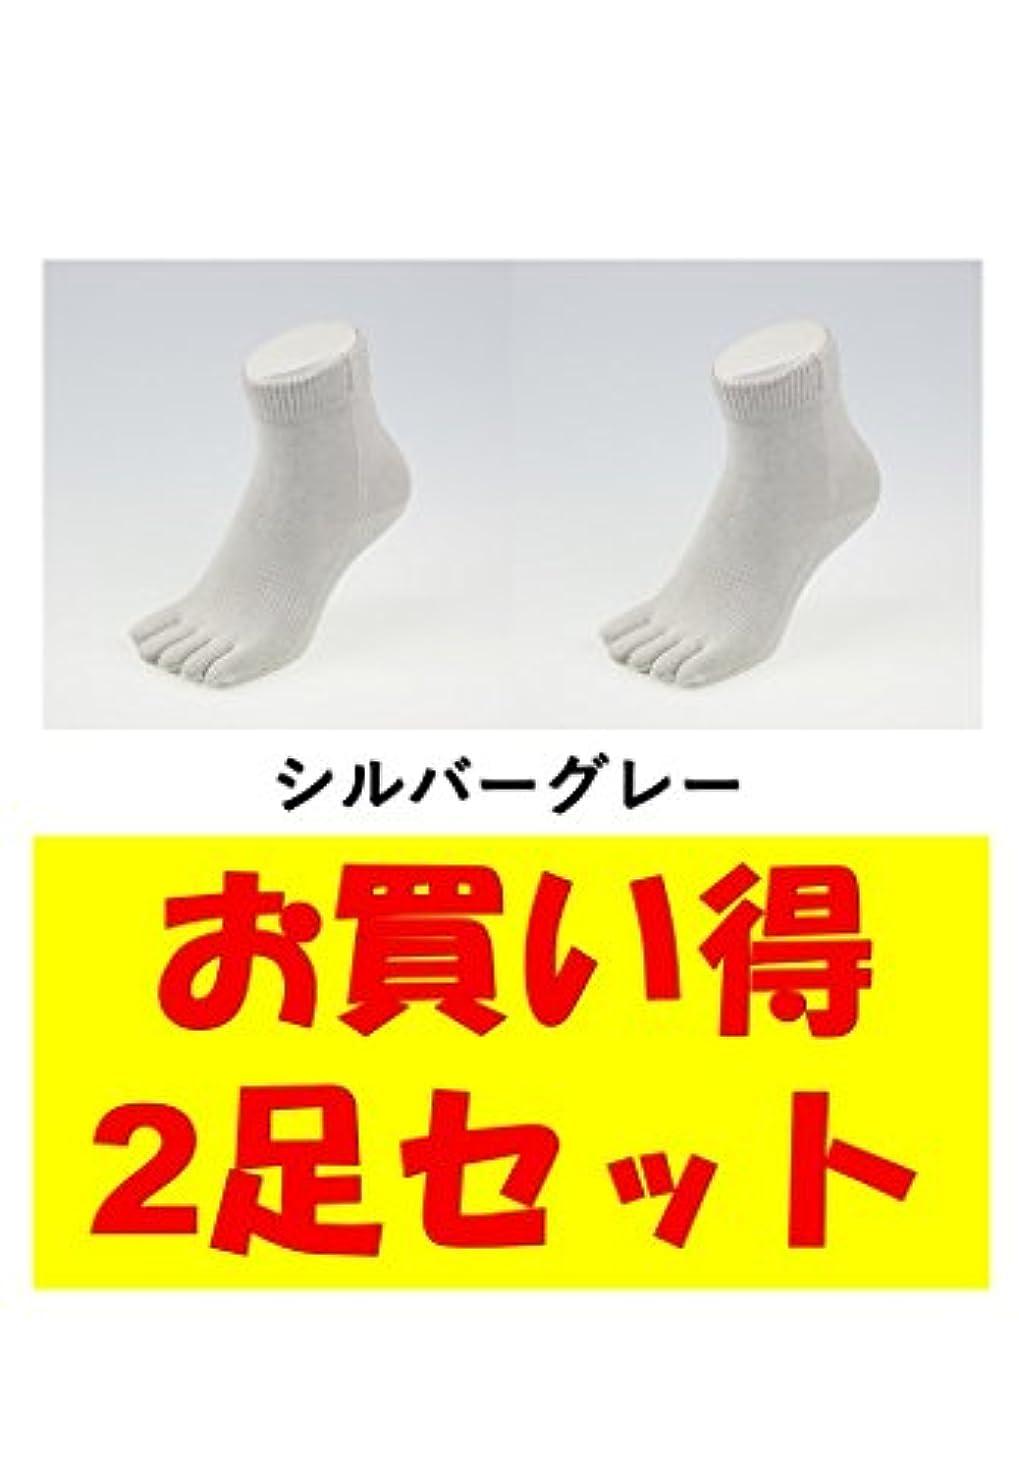 粒子ホイットニー本質的ではないお買い得2足セット 5本指 ゆびのばソックス Neo EVE(イヴ) シルバーグレー iサイズ(23.5cm - 25.5cm) YSNEVE-SGL